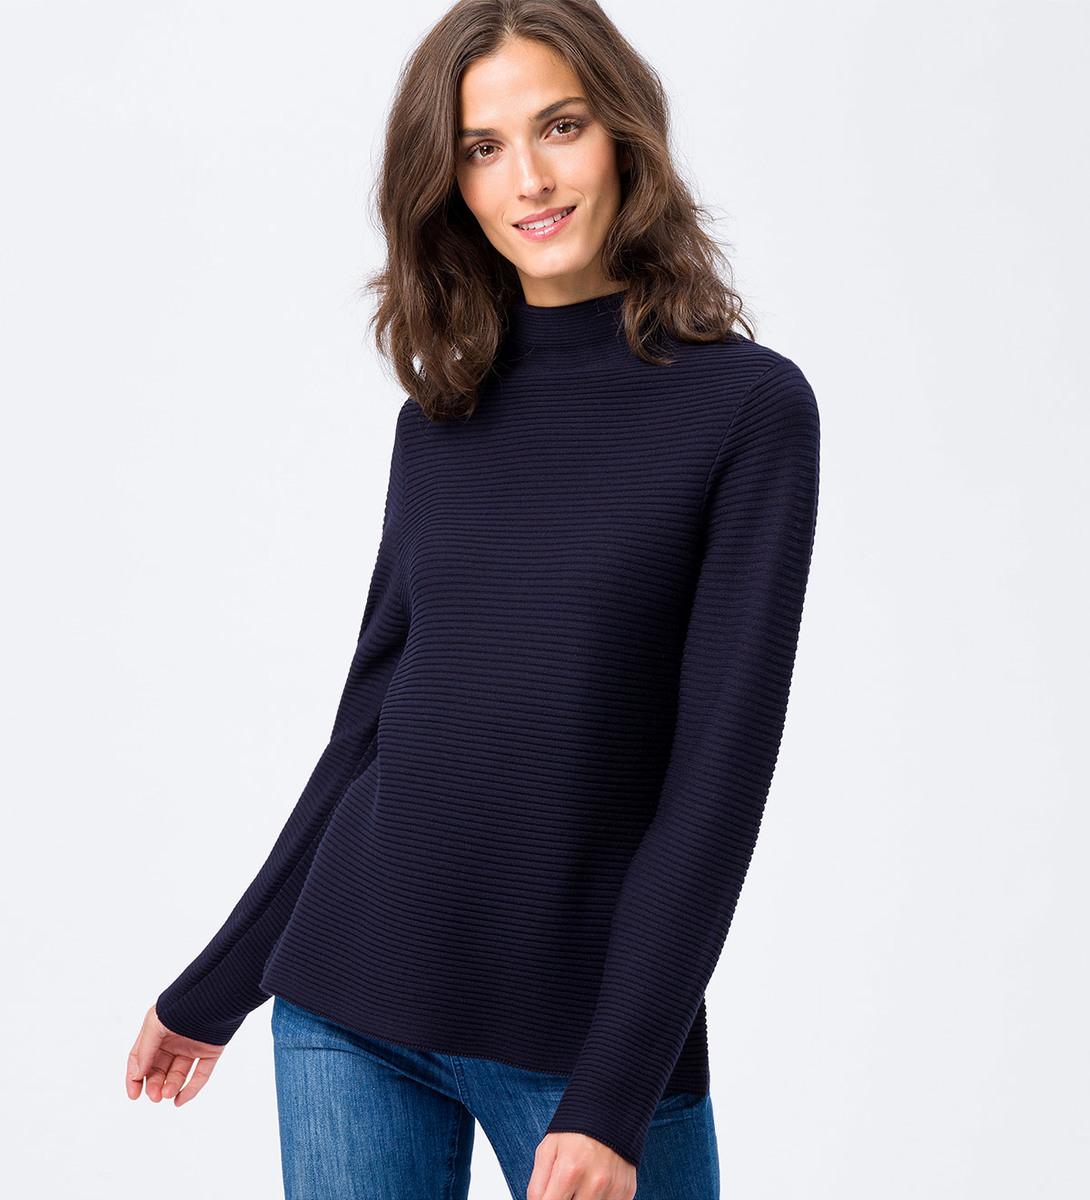 Pullover mit Rippstruktur in blue black